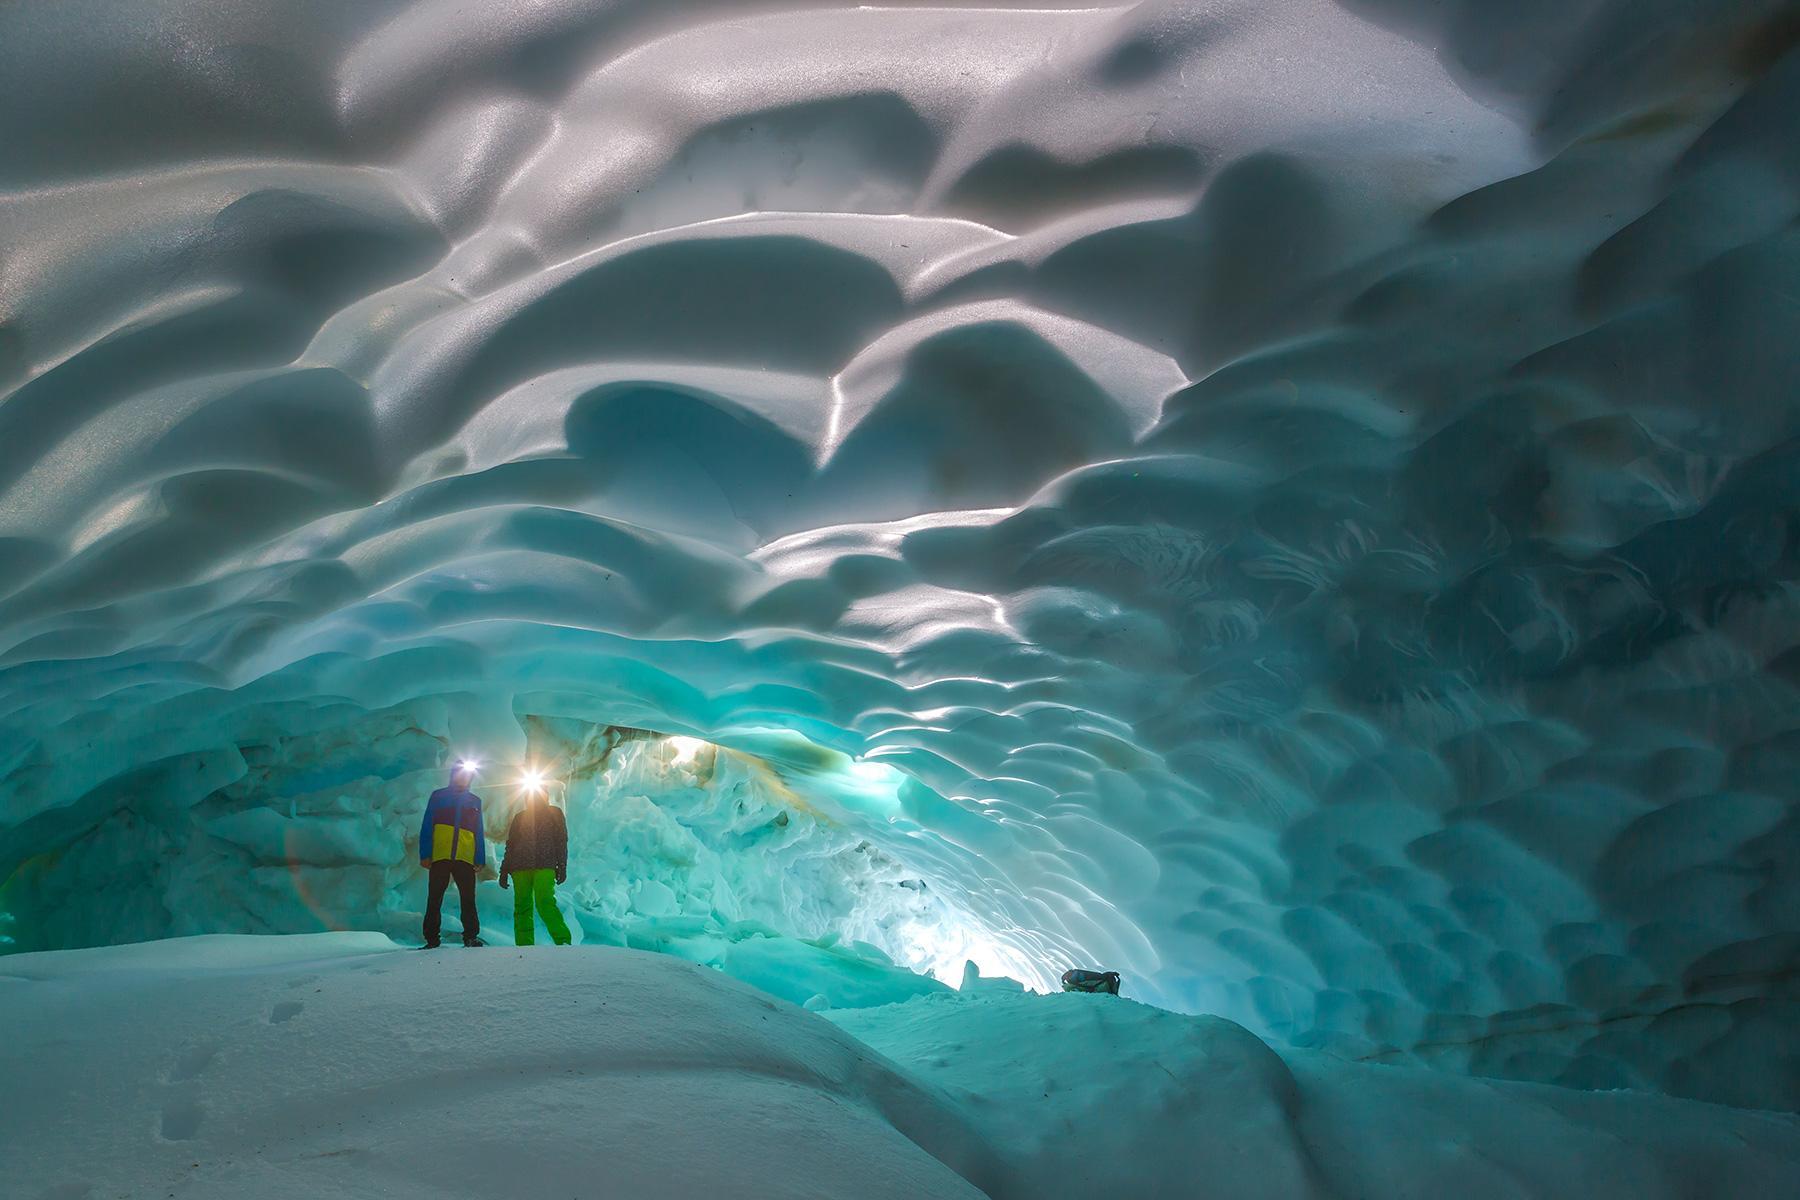 13_Antartica101_ReadSouthEnduranceBook_shutterstock_367992896_1